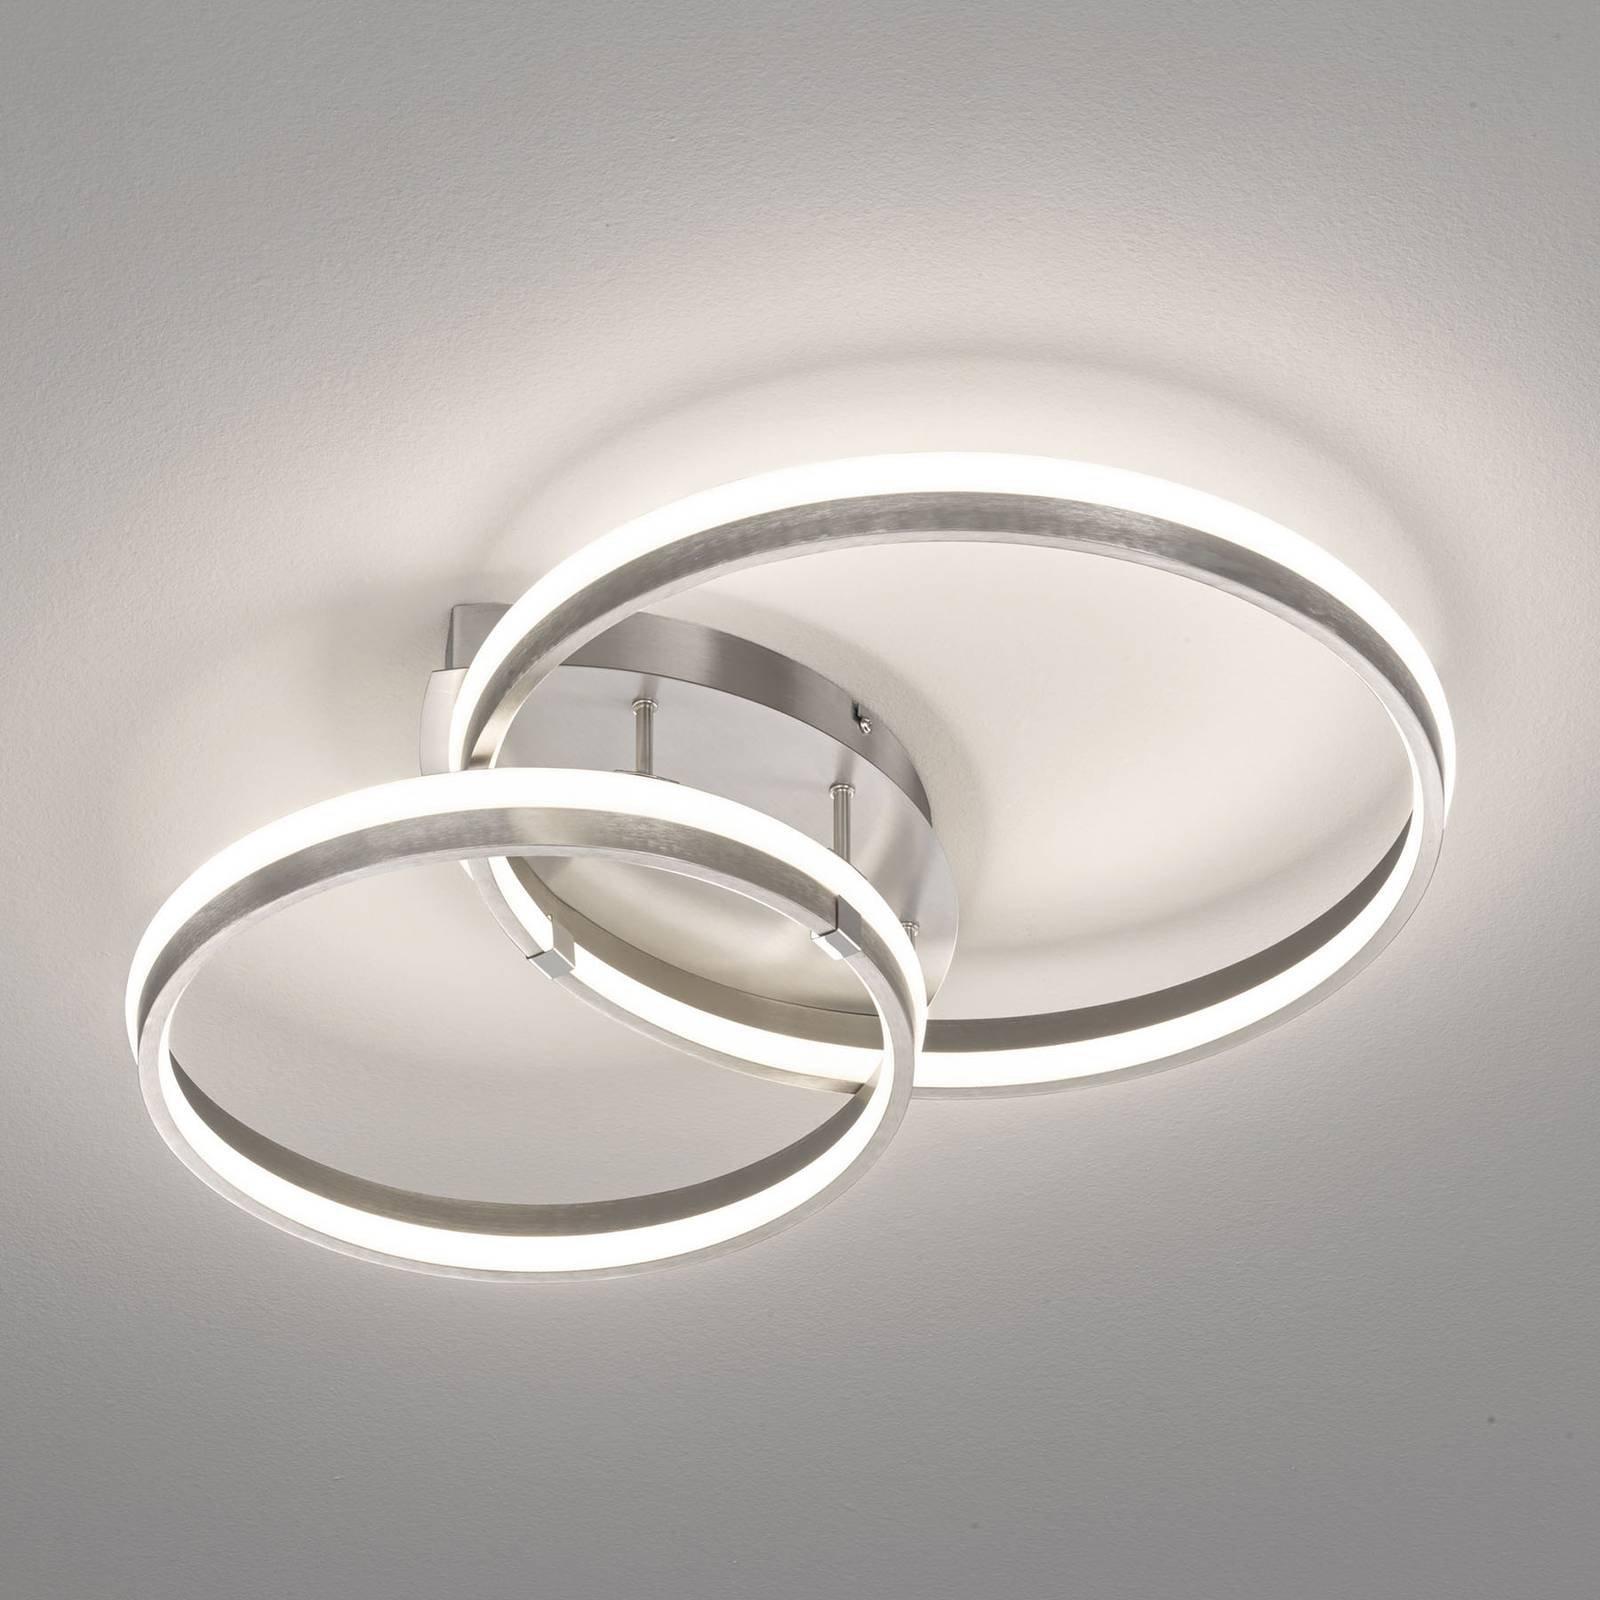 LED-taklampe Nomade, dimbar, nikkelfarget